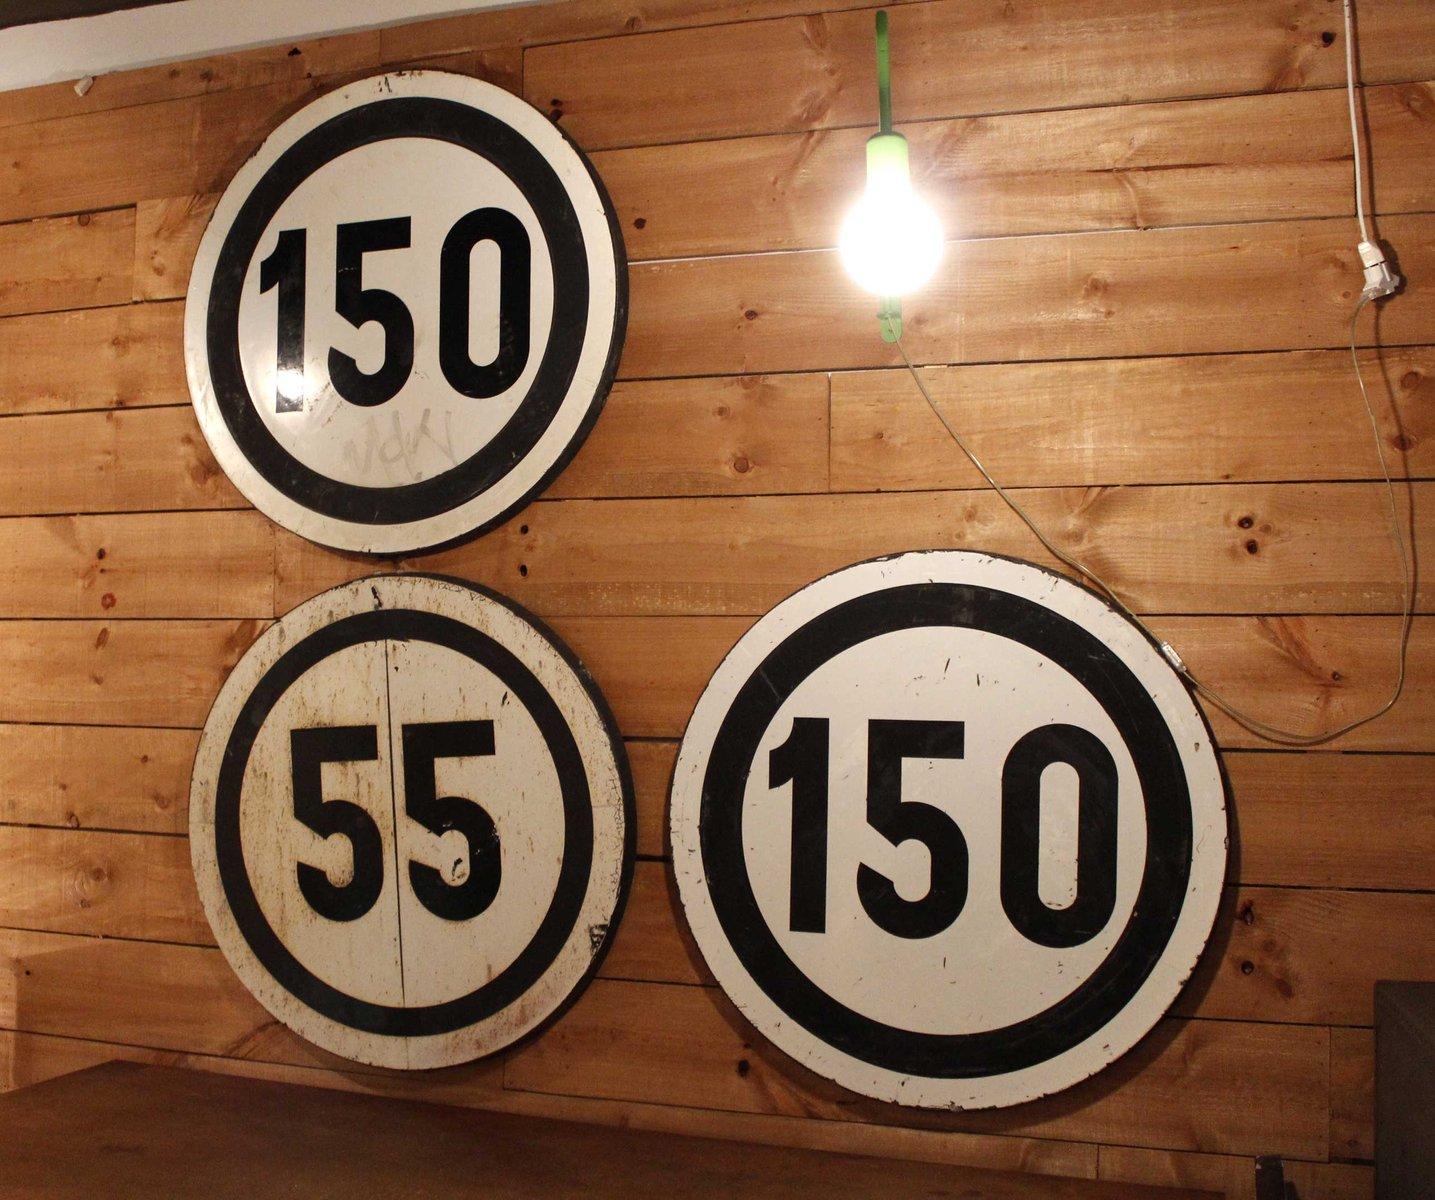 grand panneau de route limitation de vitesse 55 km h vintage en vente sur pamono. Black Bedroom Furniture Sets. Home Design Ideas